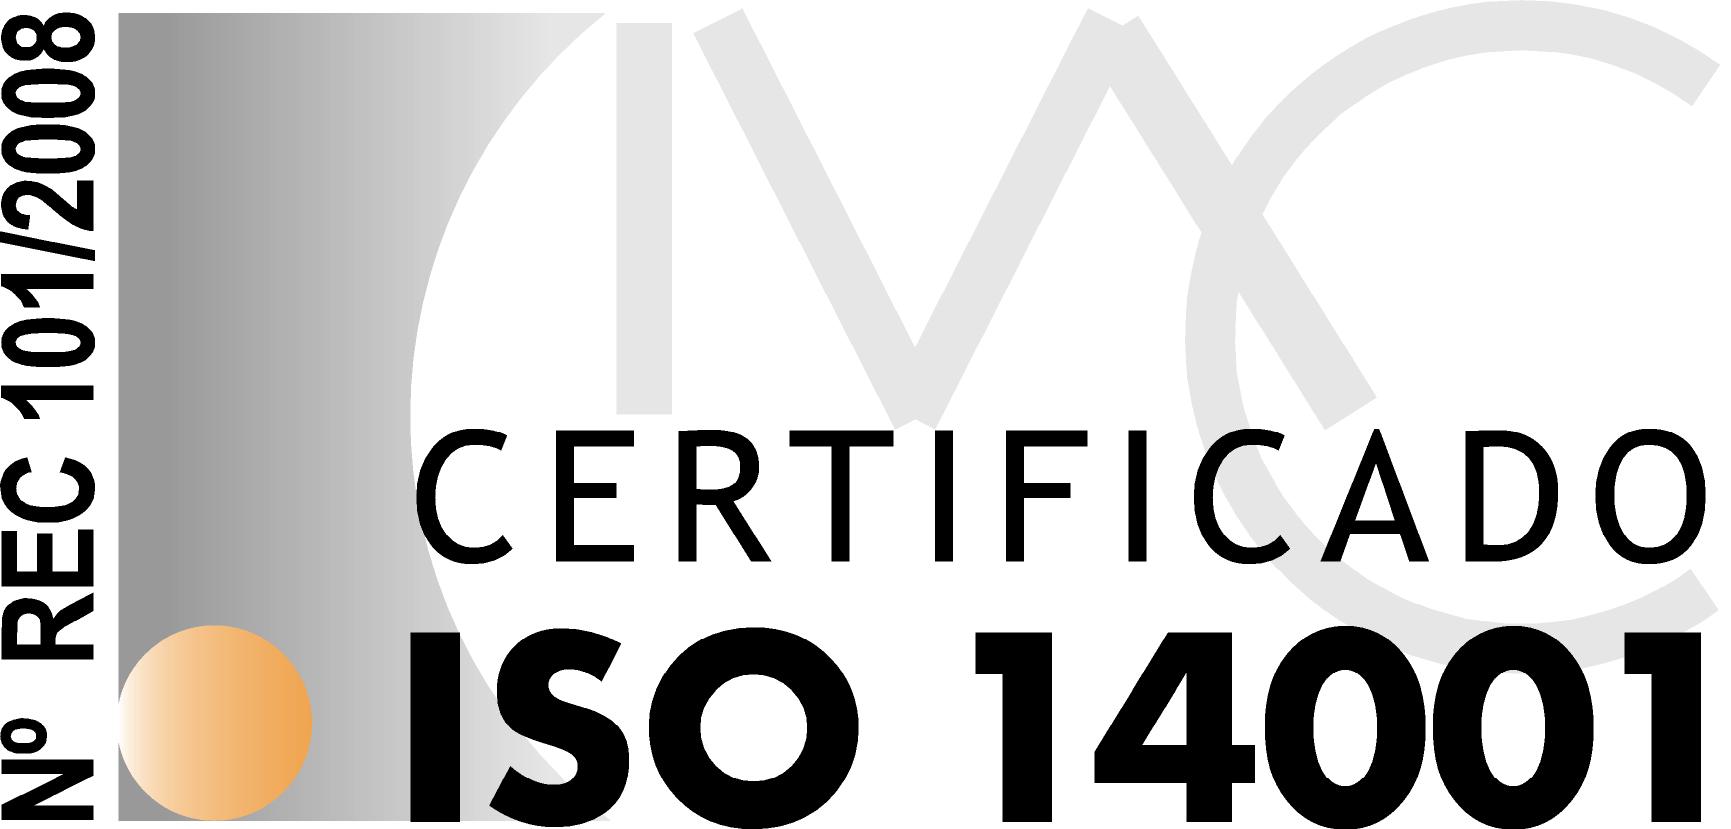 Mais um ano em que renovamos o certificado de gestão meio ambiental ISO 14001